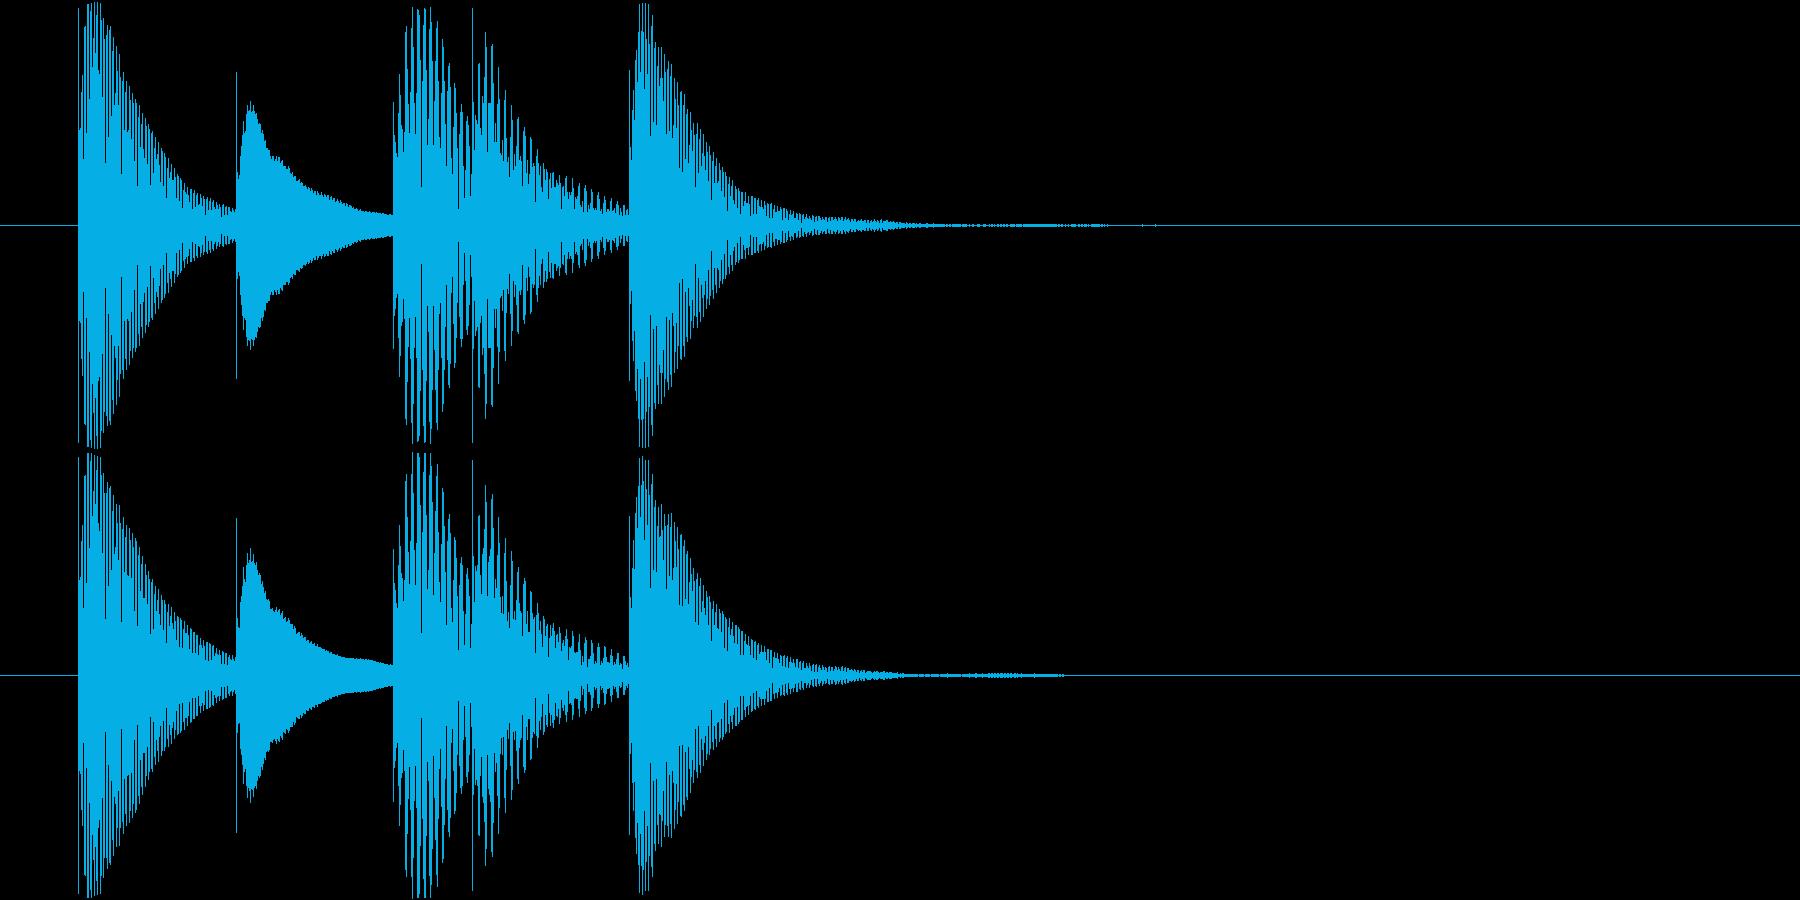 マリンバのアイテム入手音 テレレレレン2の再生済みの波形